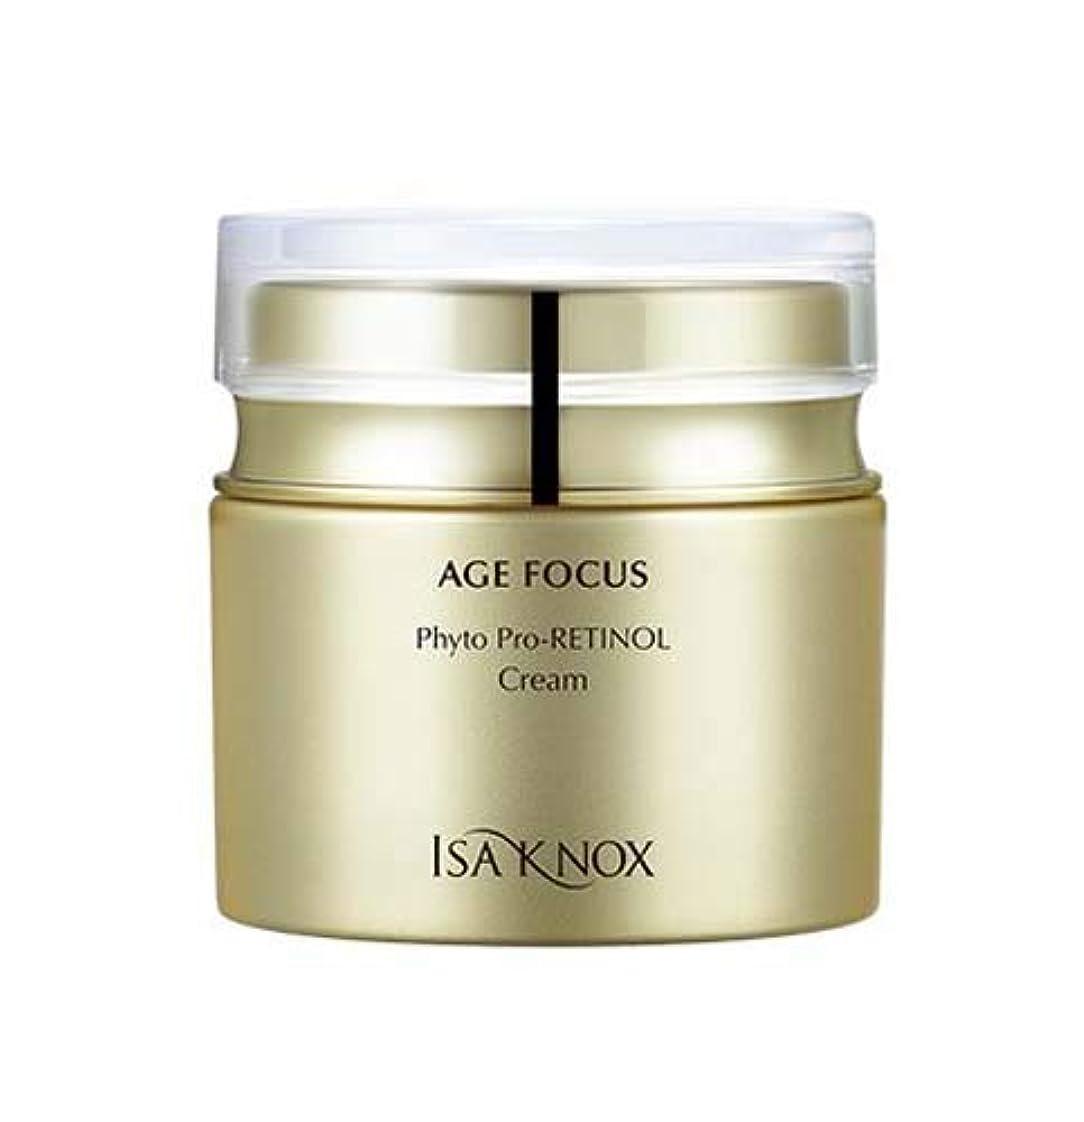 者シード力強い[イザノックス] ISA KNOX [エイジフォーカス フィト プロレチノール クリーム 50ml] AGE FOCUS Pro-Retinol Cream 50ml [海外直送品]